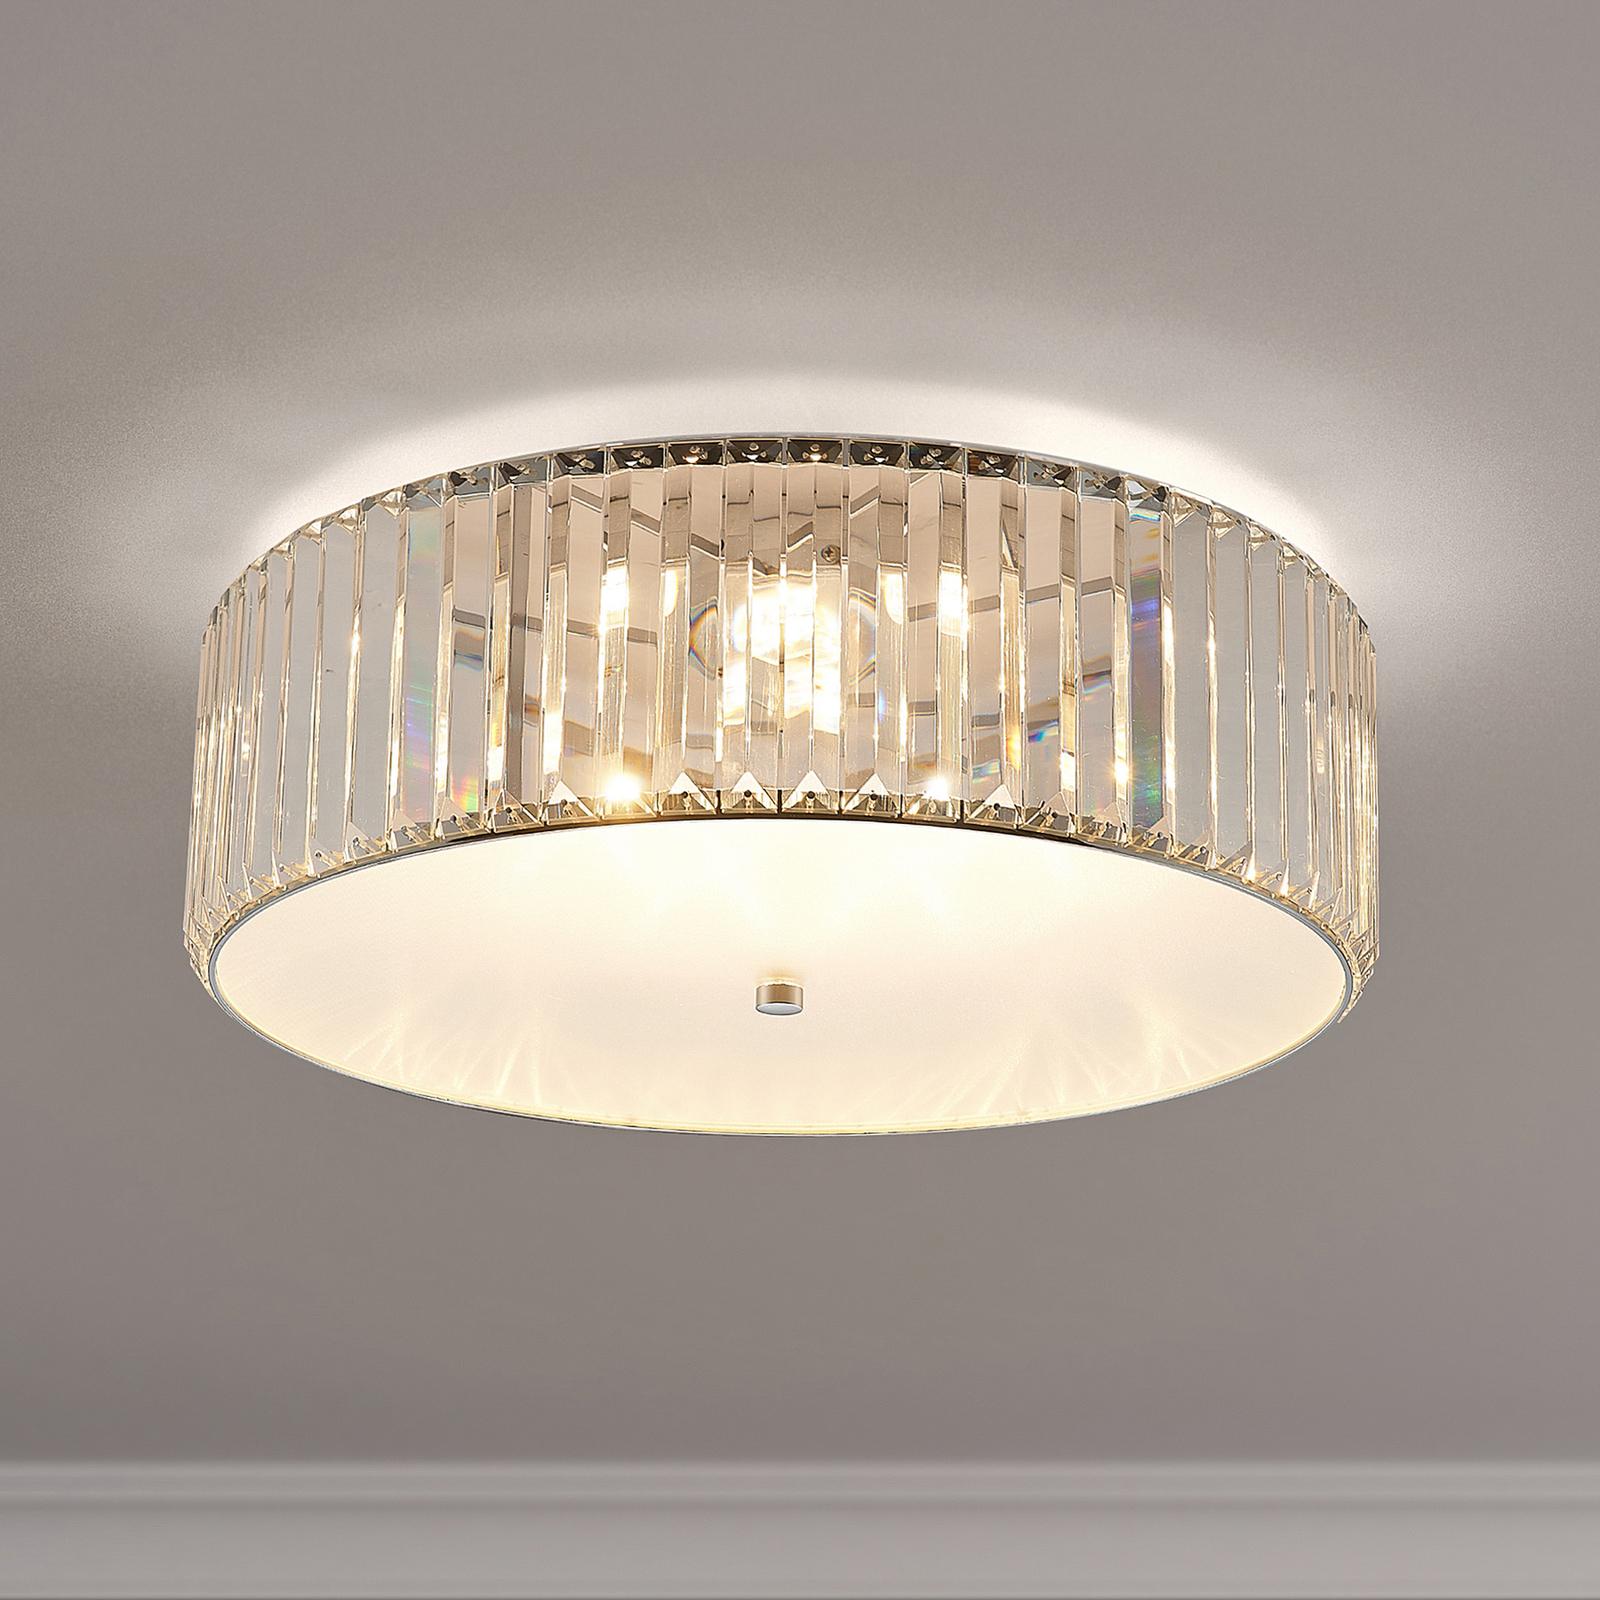 Lucande Alobani LED-taklampe med krystaller